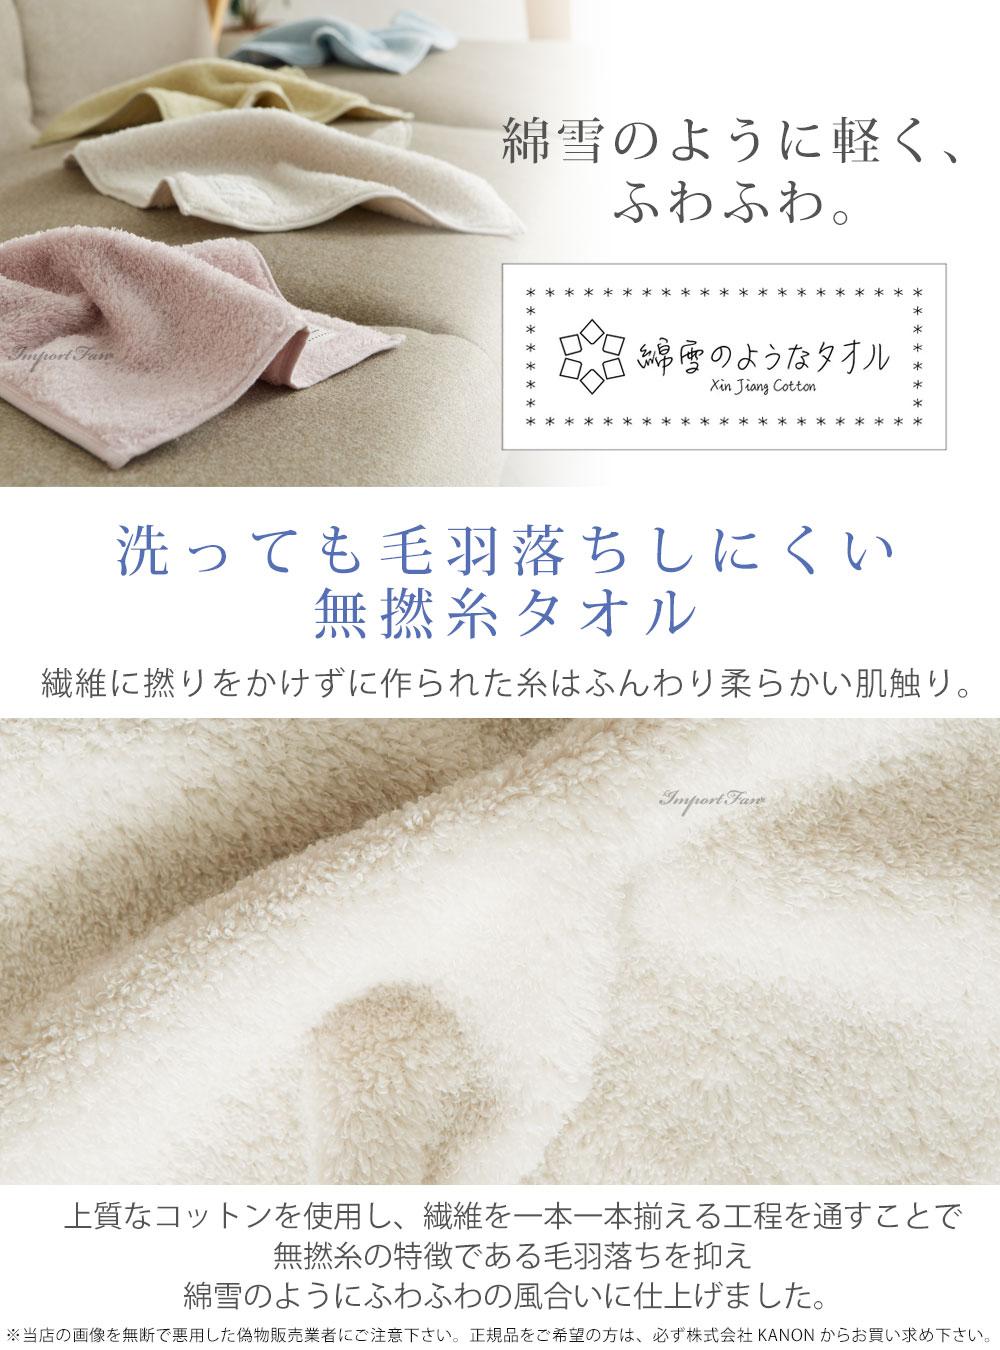 タオル ハンカチ ミニタオル 綿雪のような 軽い ふわふわ タオル 毛羽立ちしにくい 無撚糸タオル 洗濯 プレゼント ギフト